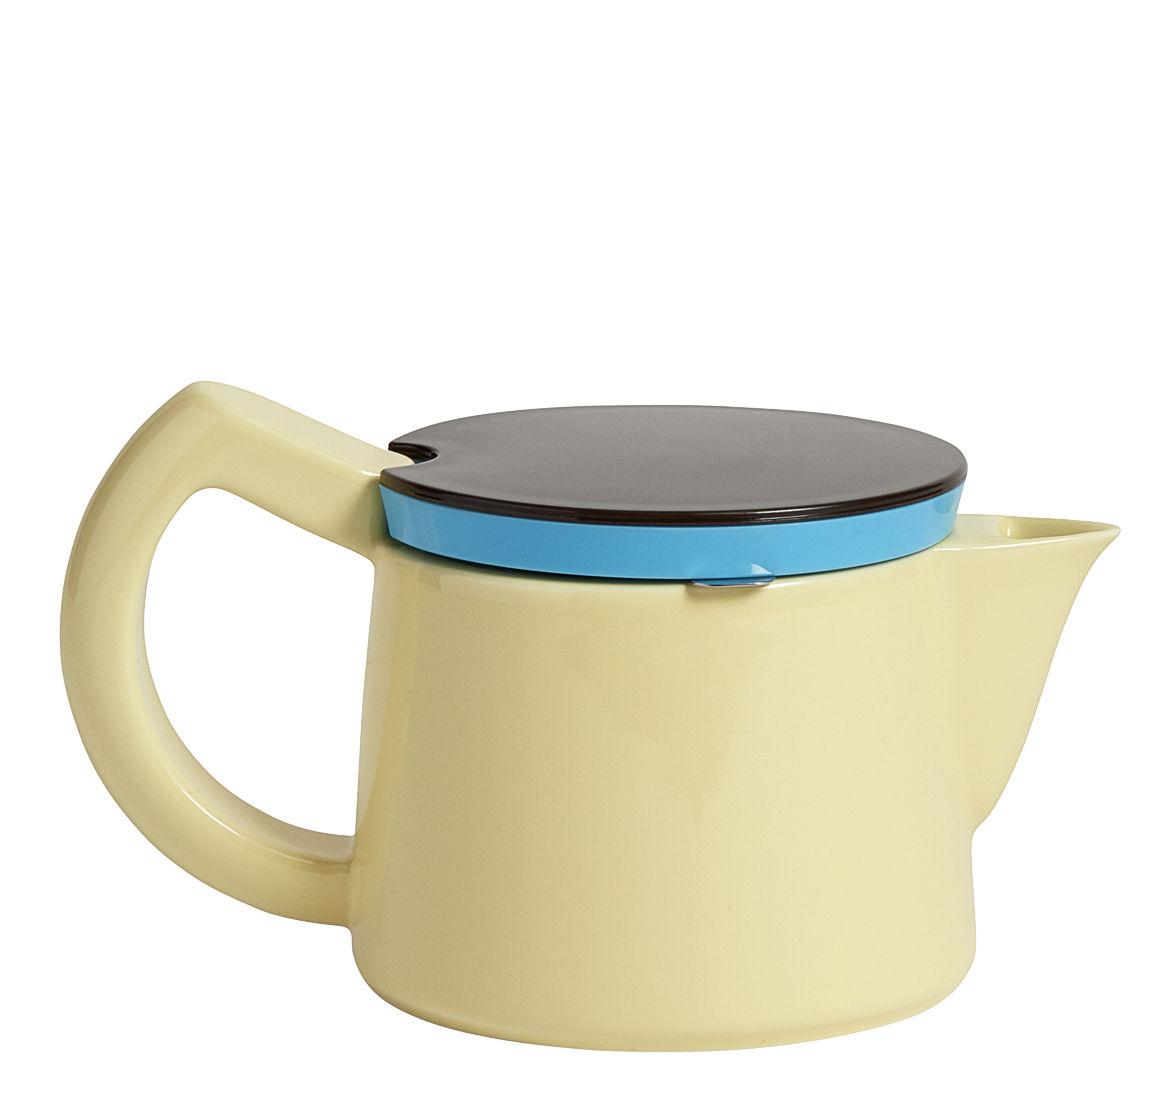 Cuisine - Cafetières - Cafetière à filtre manuelle / Small - 0,45 L - Hay - Jaune - Acier inoxydable, Plastique, Porcelaine